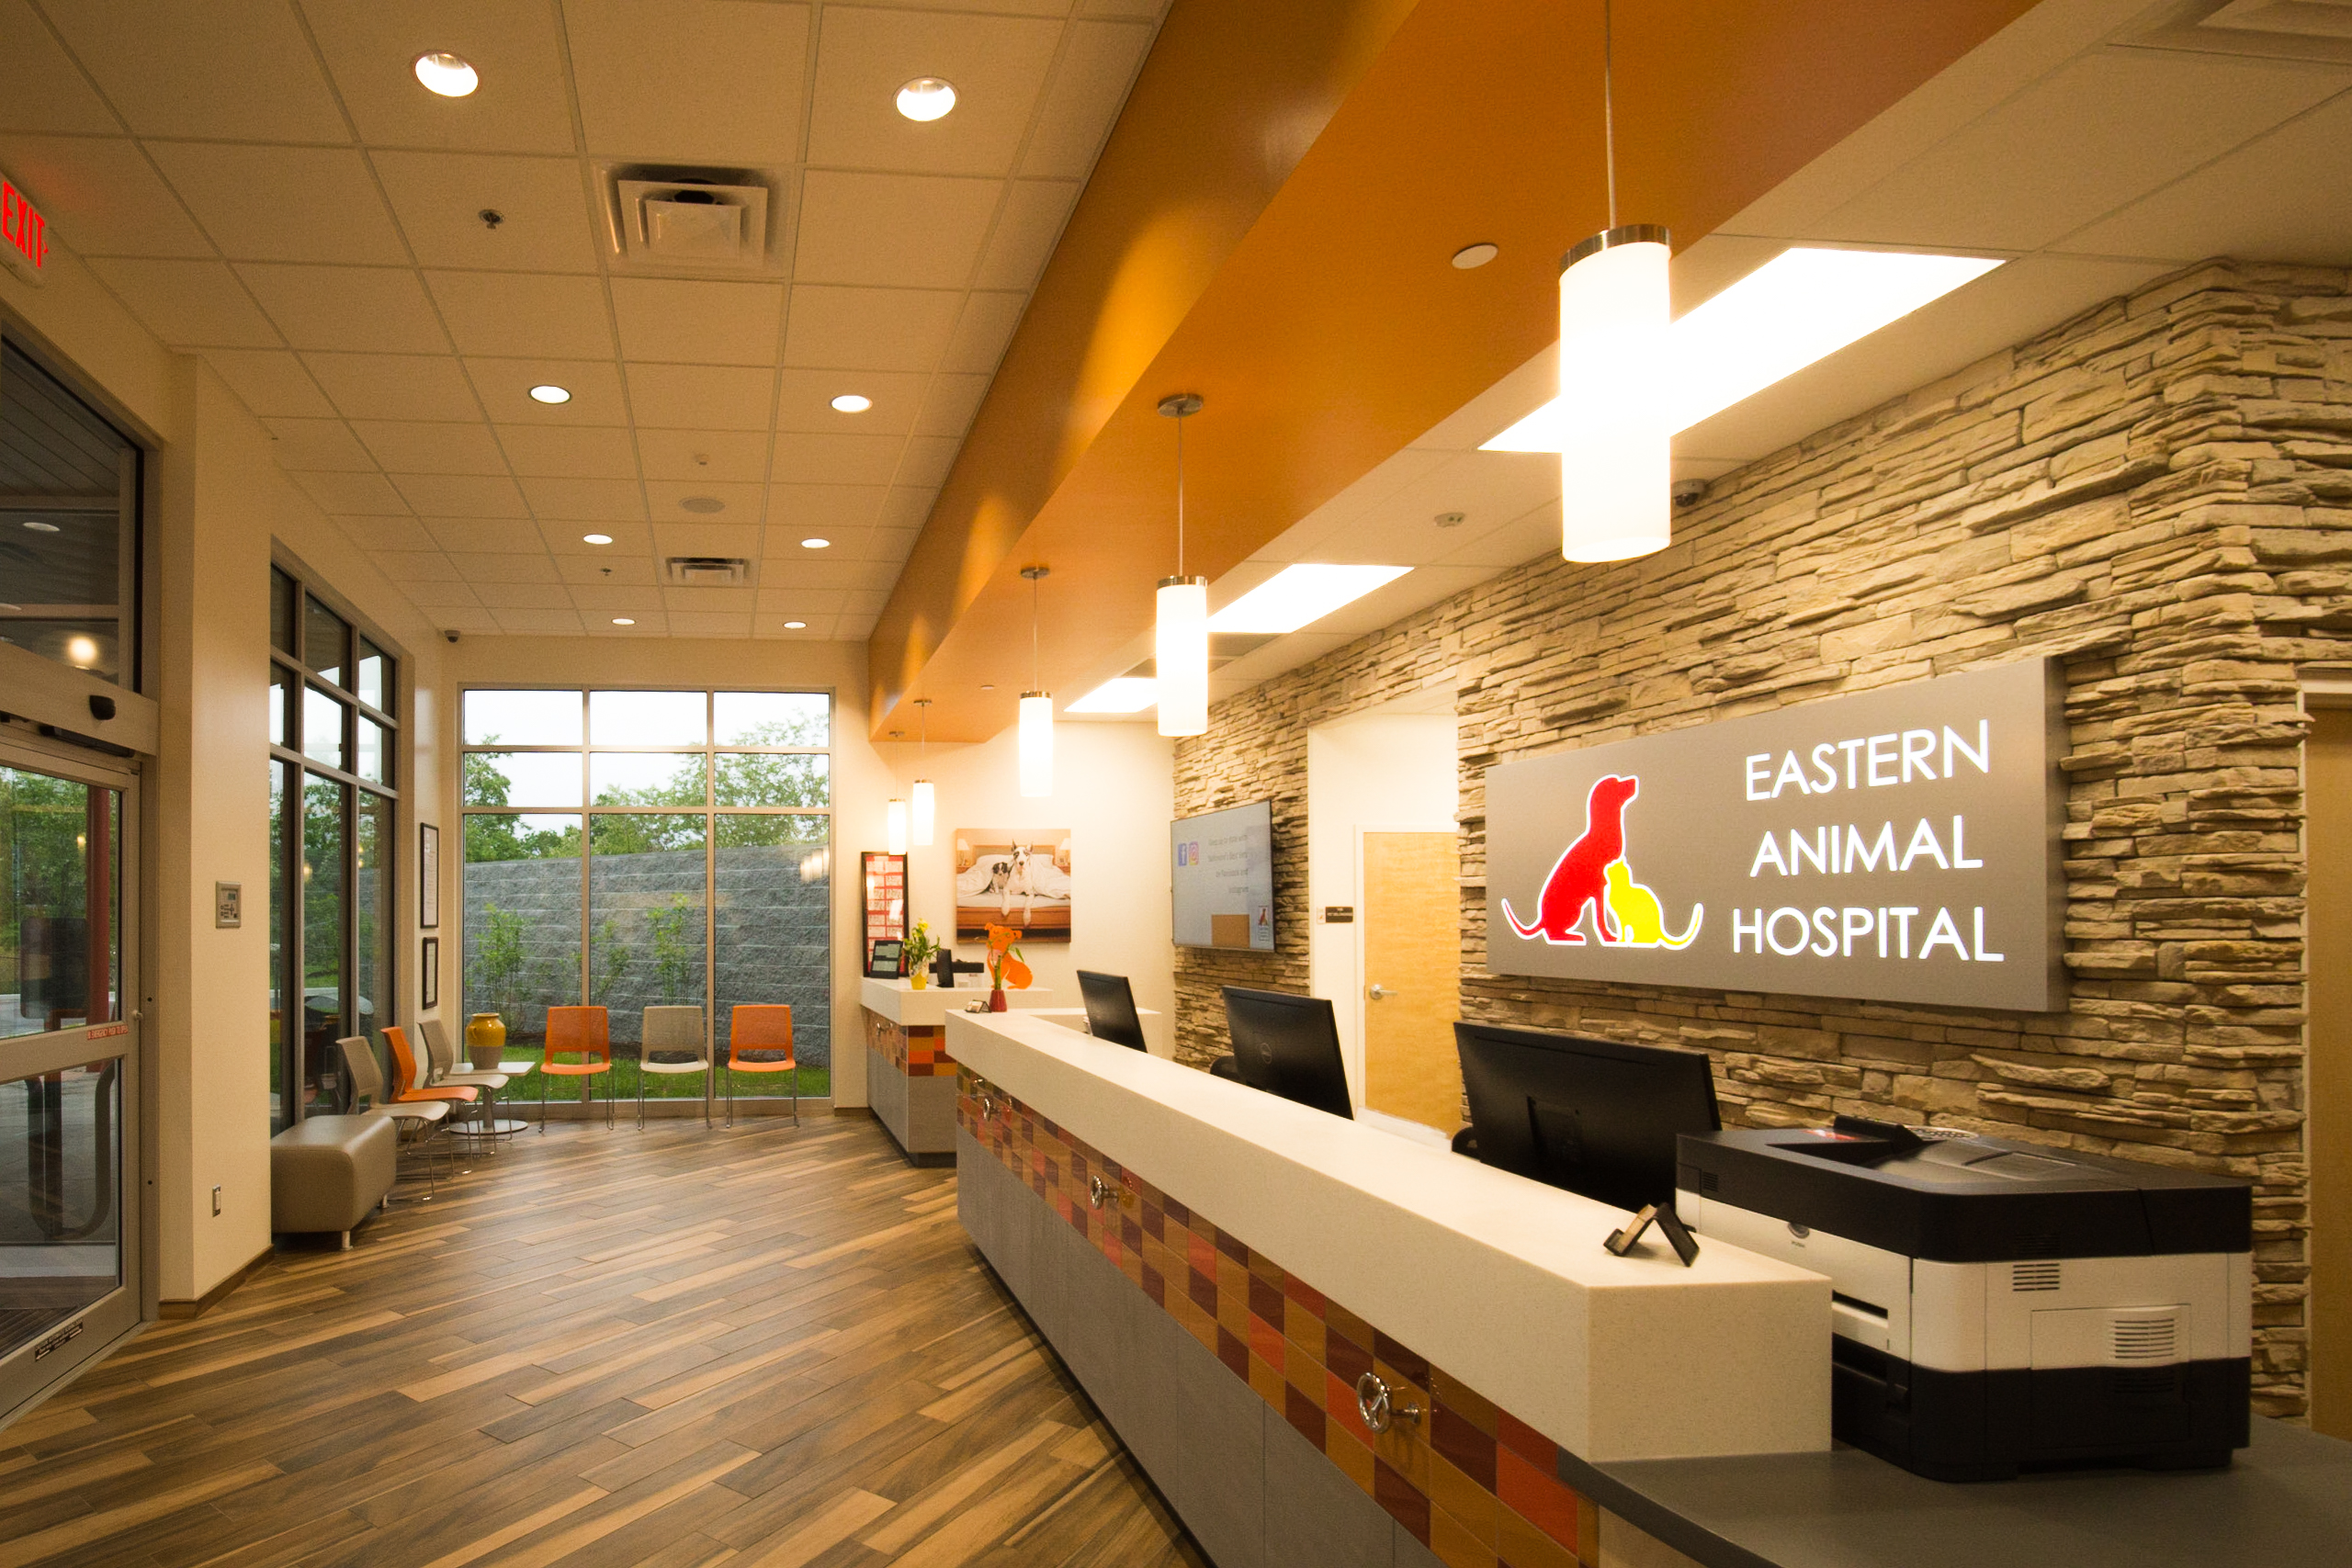 Eastern Animal Hospital